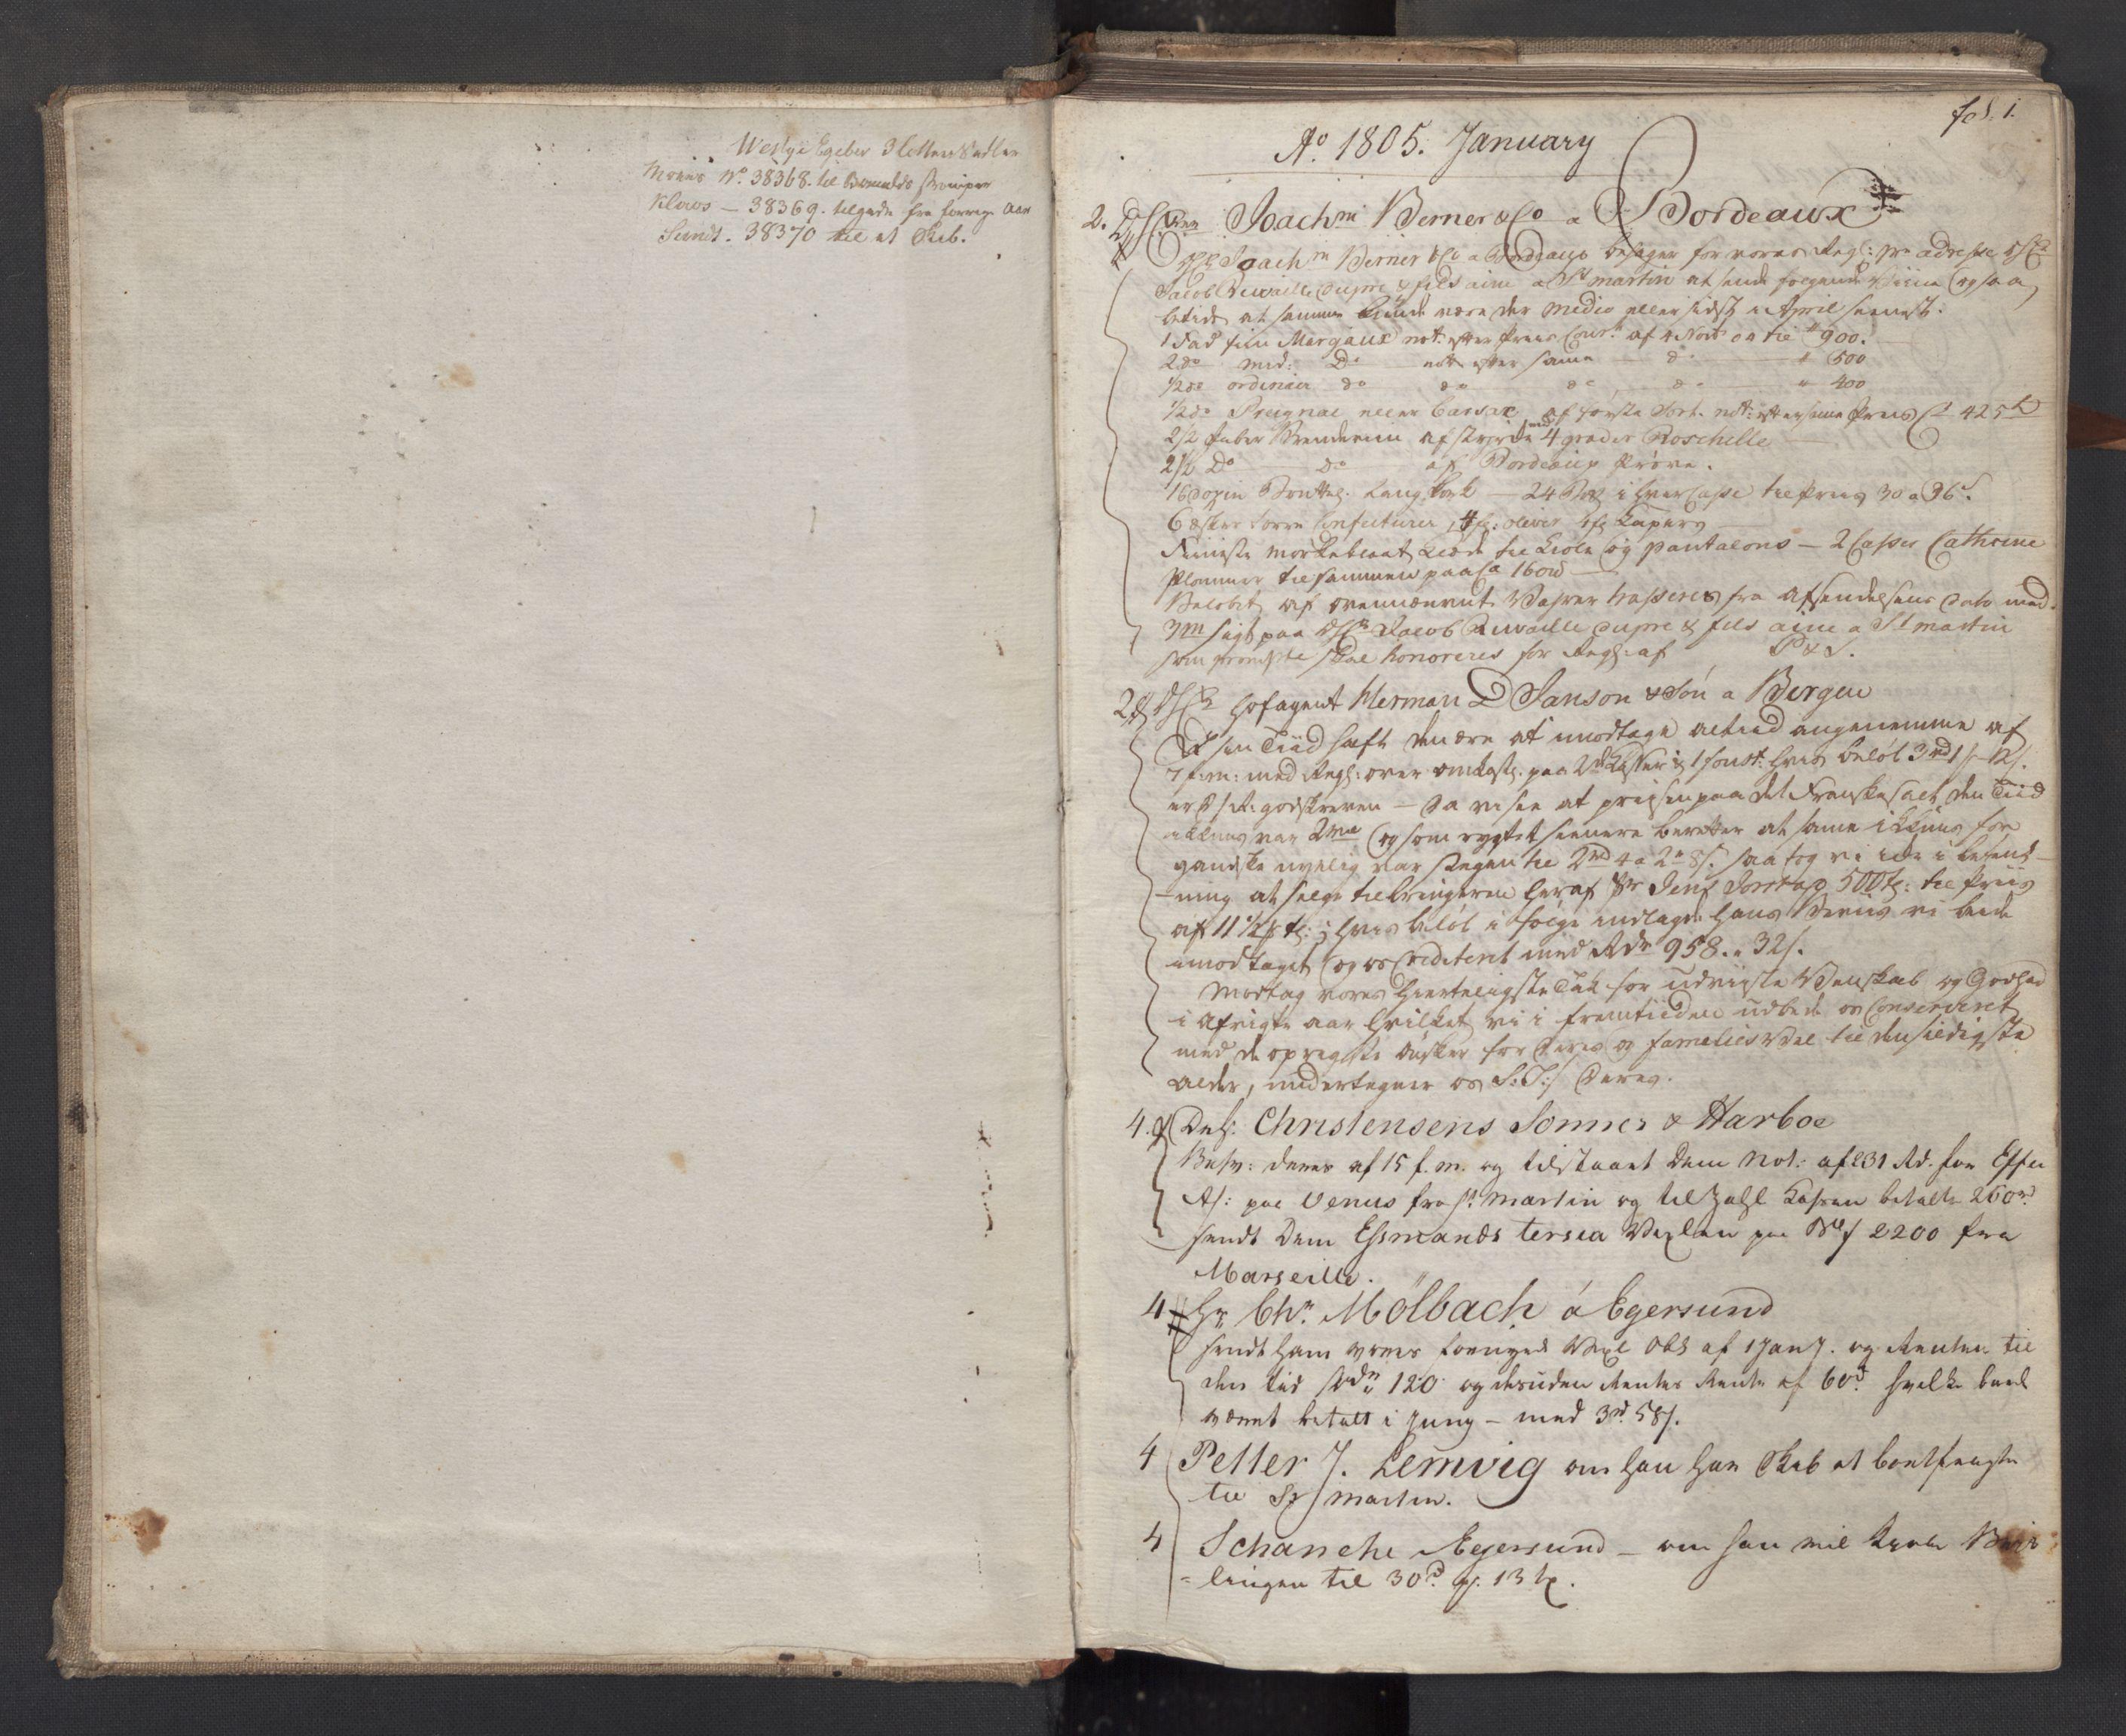 SAST, Pa 0003 - Ploug & Sundt, handelshuset, B/L0009: Kopibok, 1805-1816, s. 1a